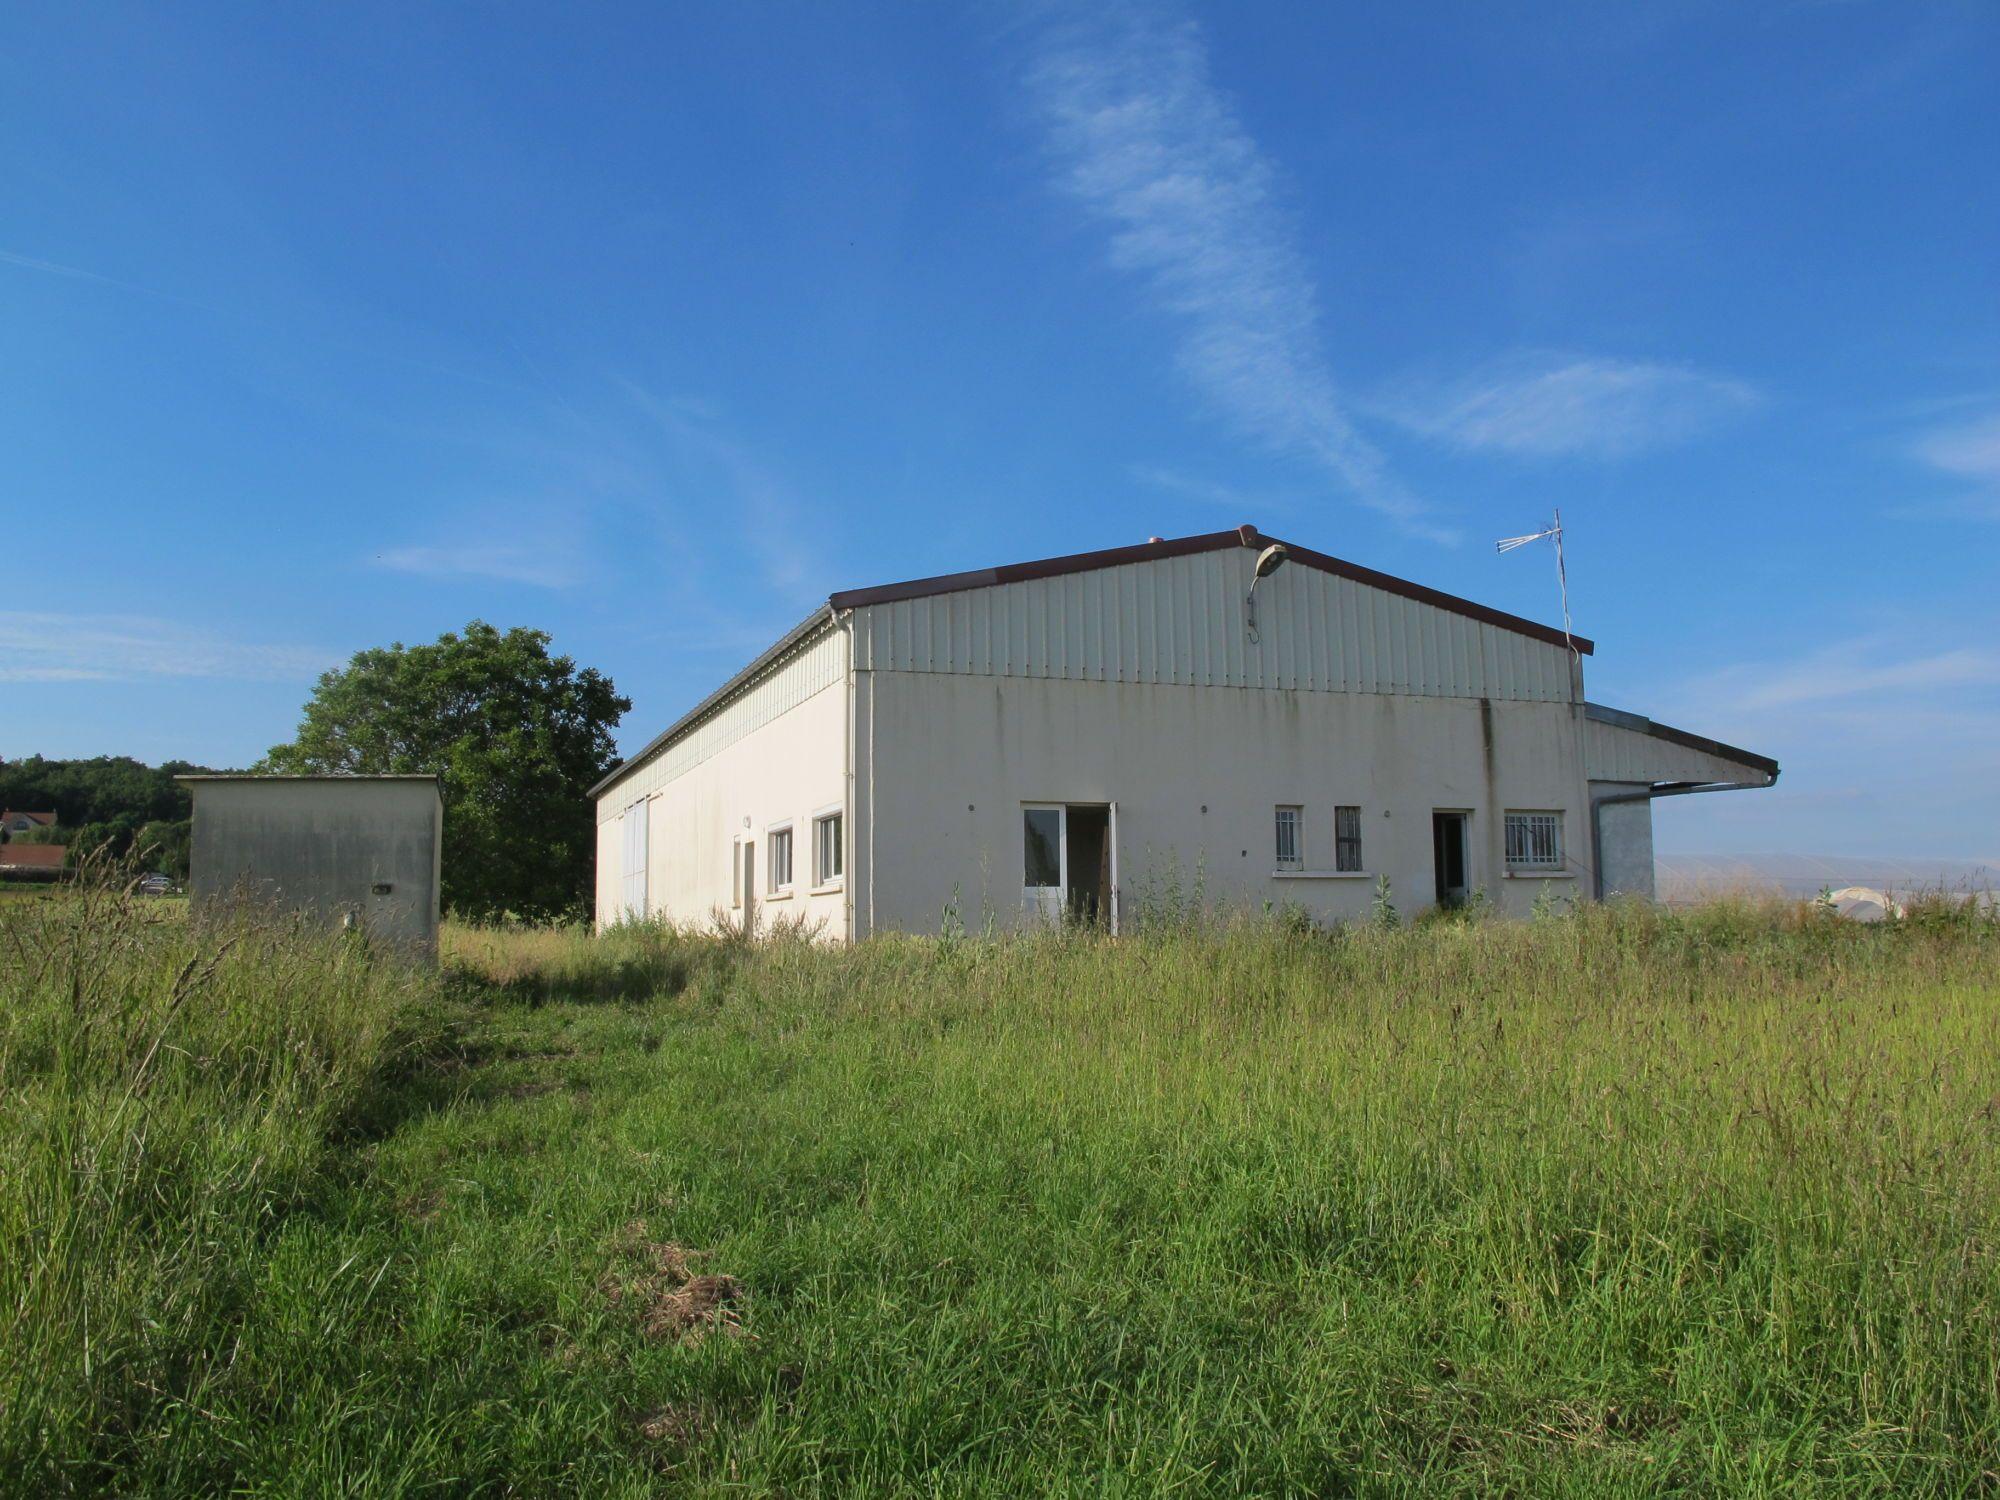 Réalisation - Architecture, Restructuration, aménagement, architecture intérieure, 10h10, décoration, ferme, champs, renovation, restructuration